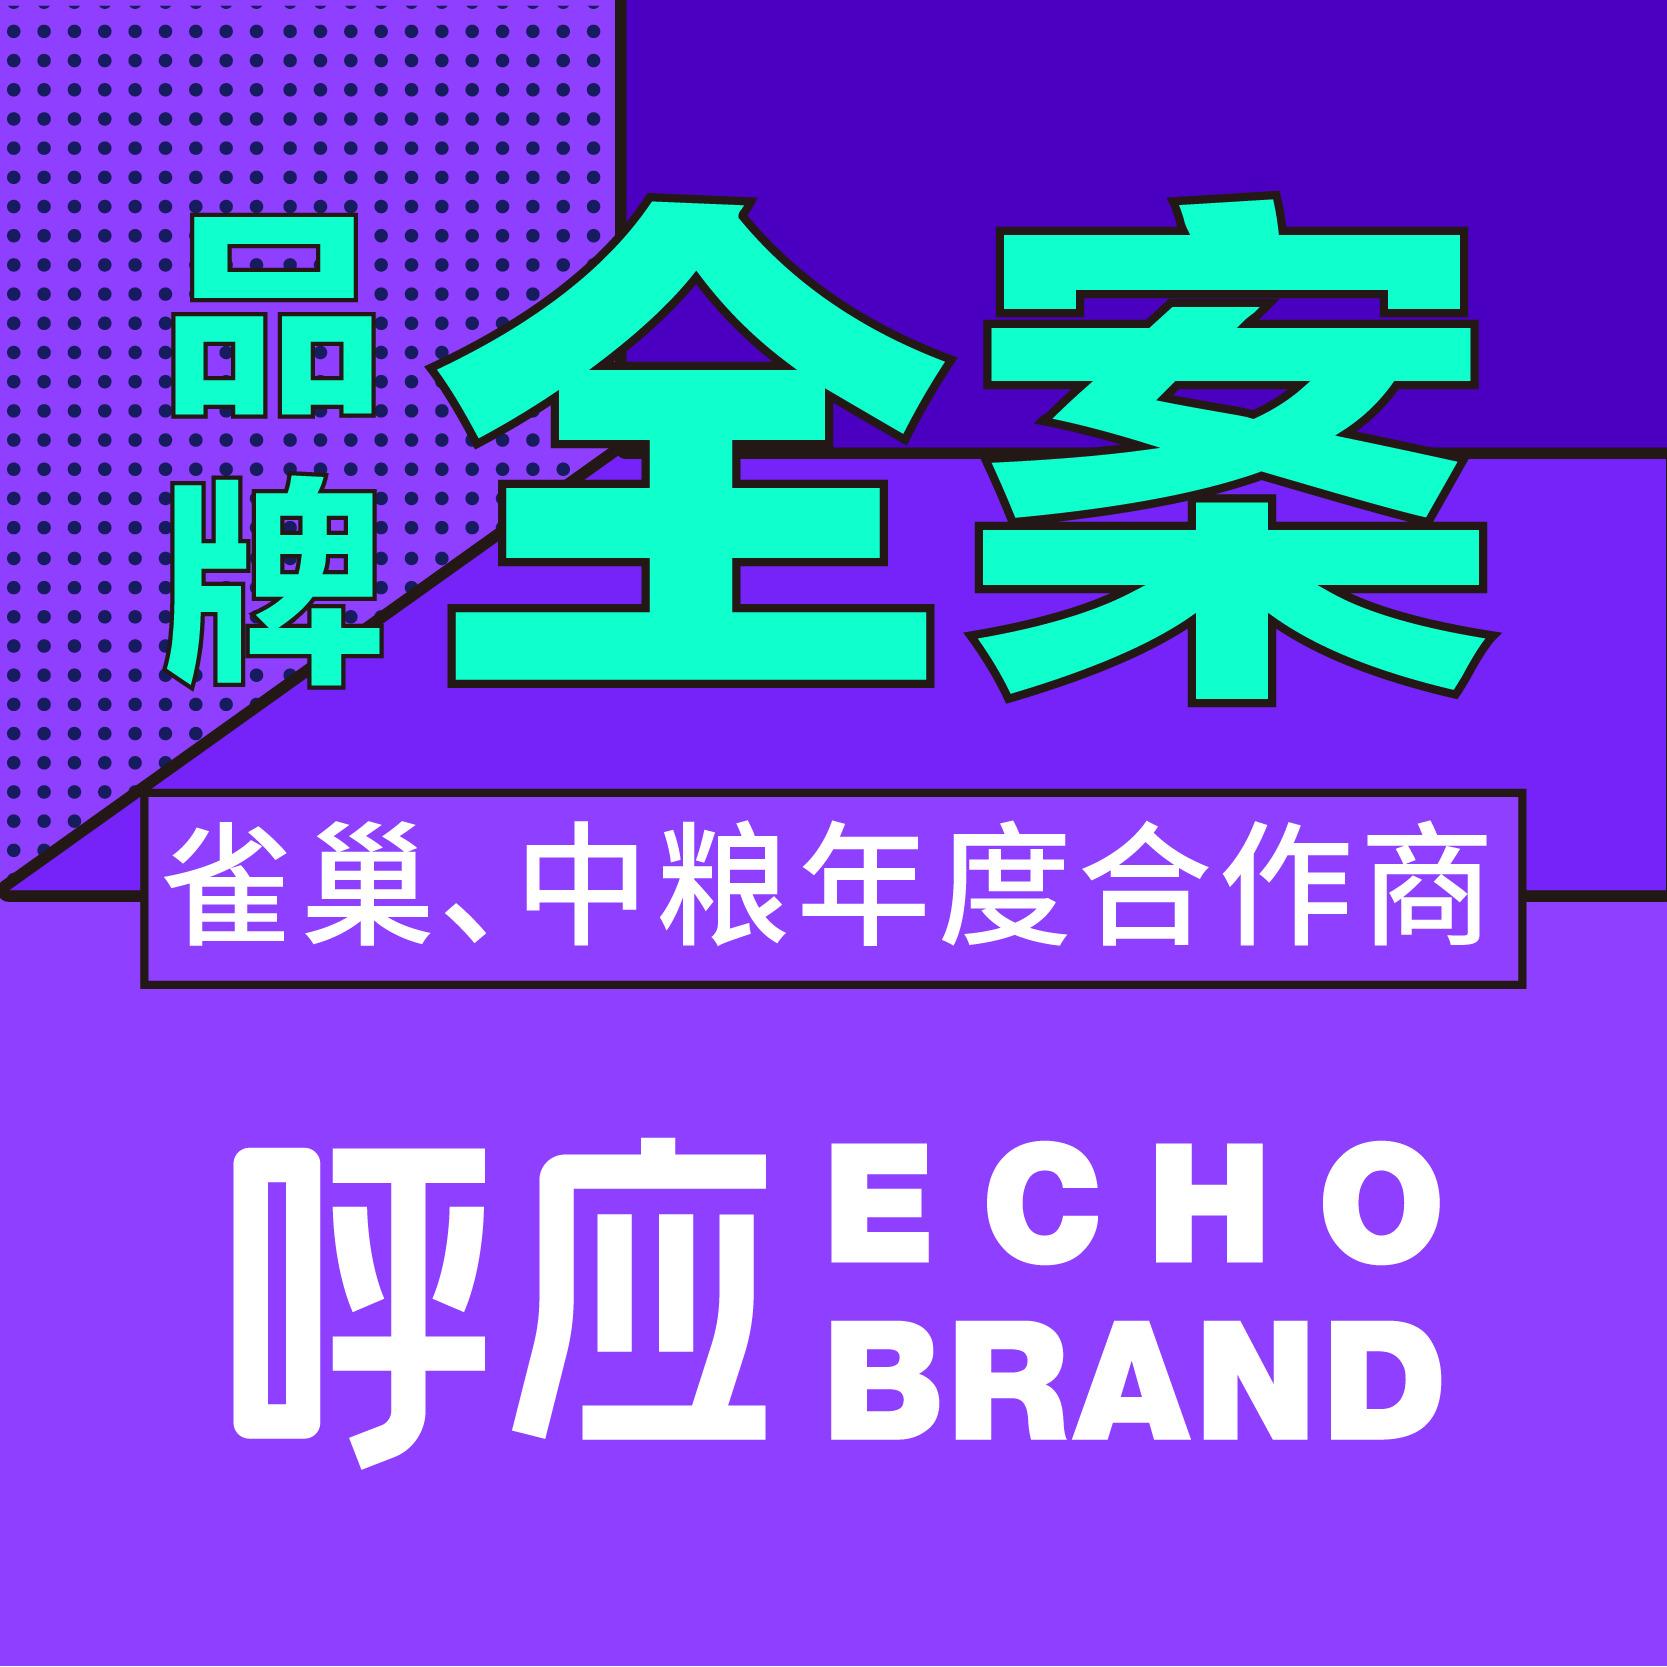 品牌全案策划设计品牌VI设计广告语品牌定位餐饮食品连锁品牌